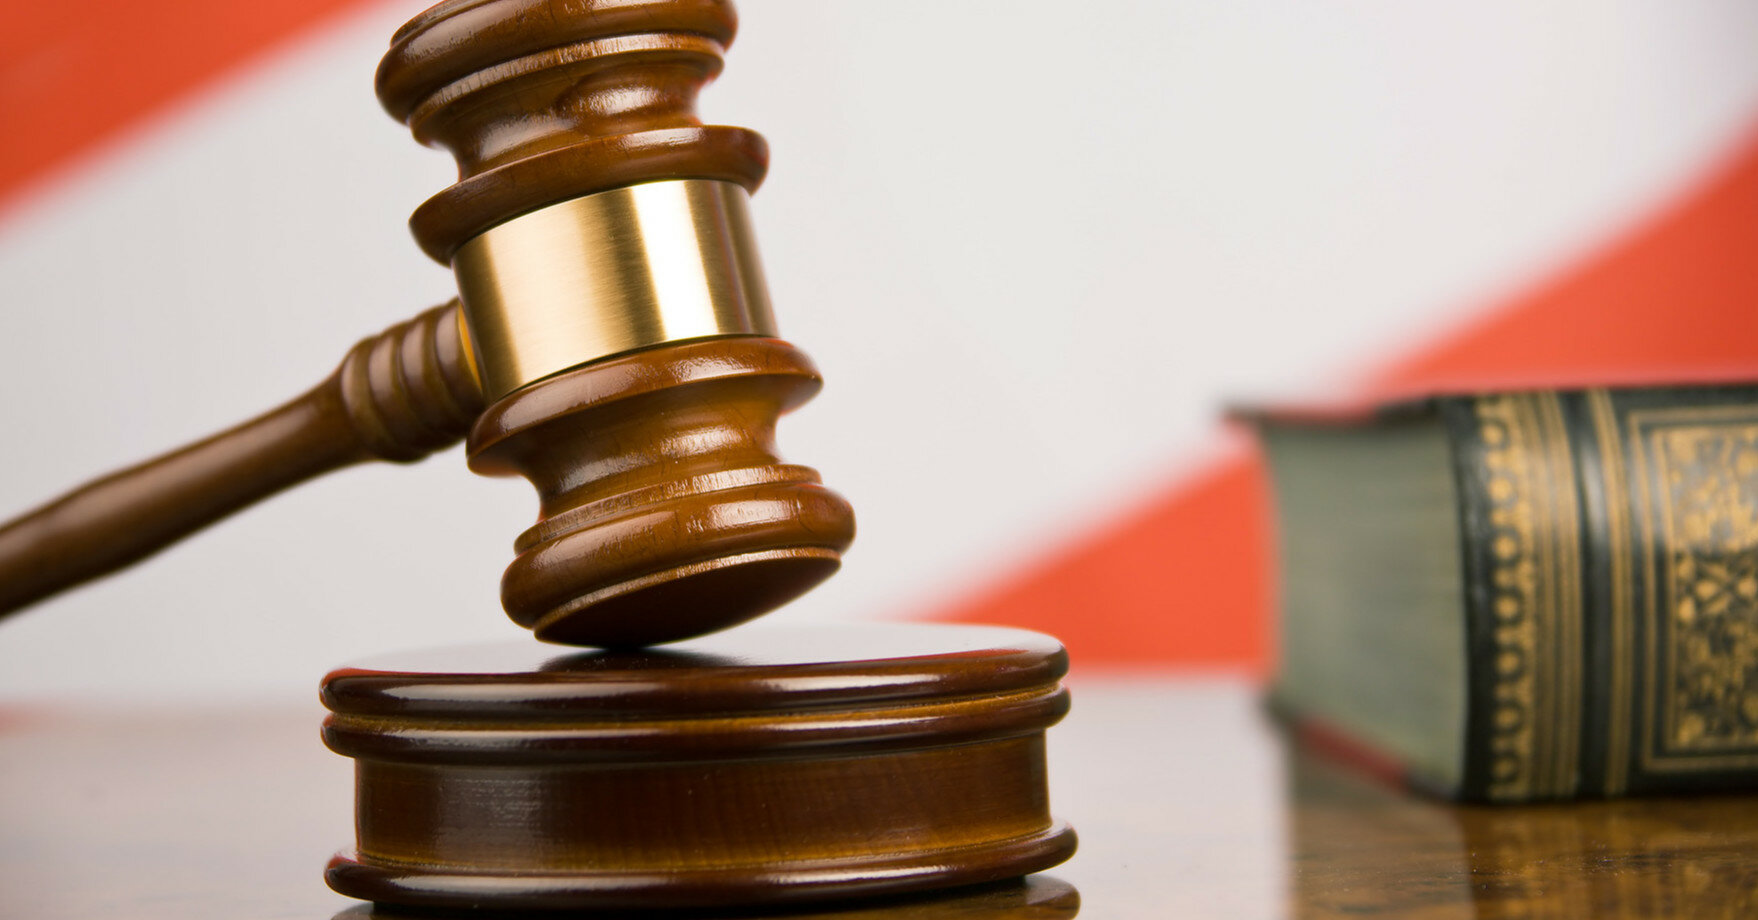 Суд арестовал участника схемы поставки некачественной техники для ВСУ